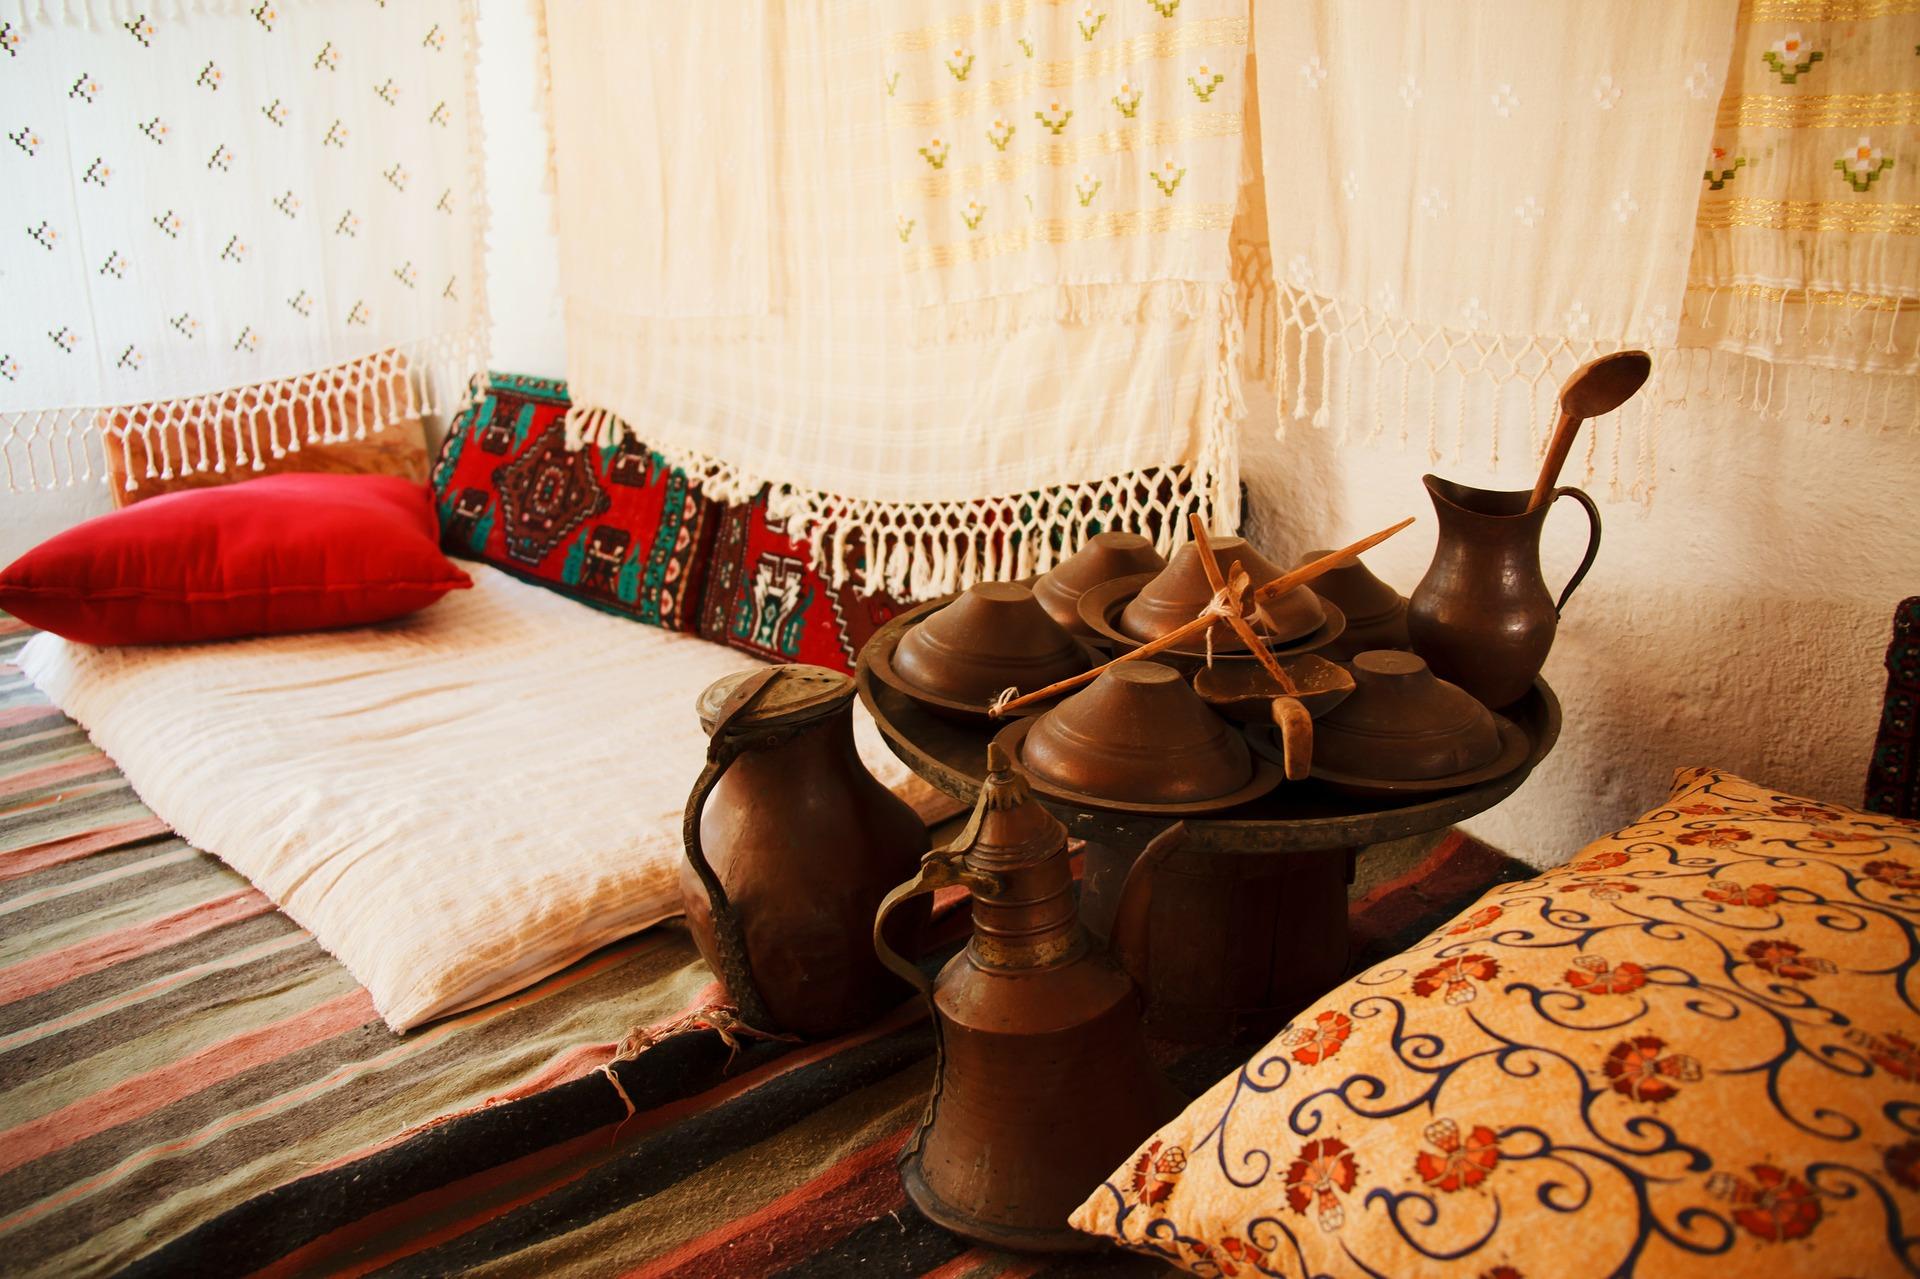 Israel with Love - www.onfirecafe.net